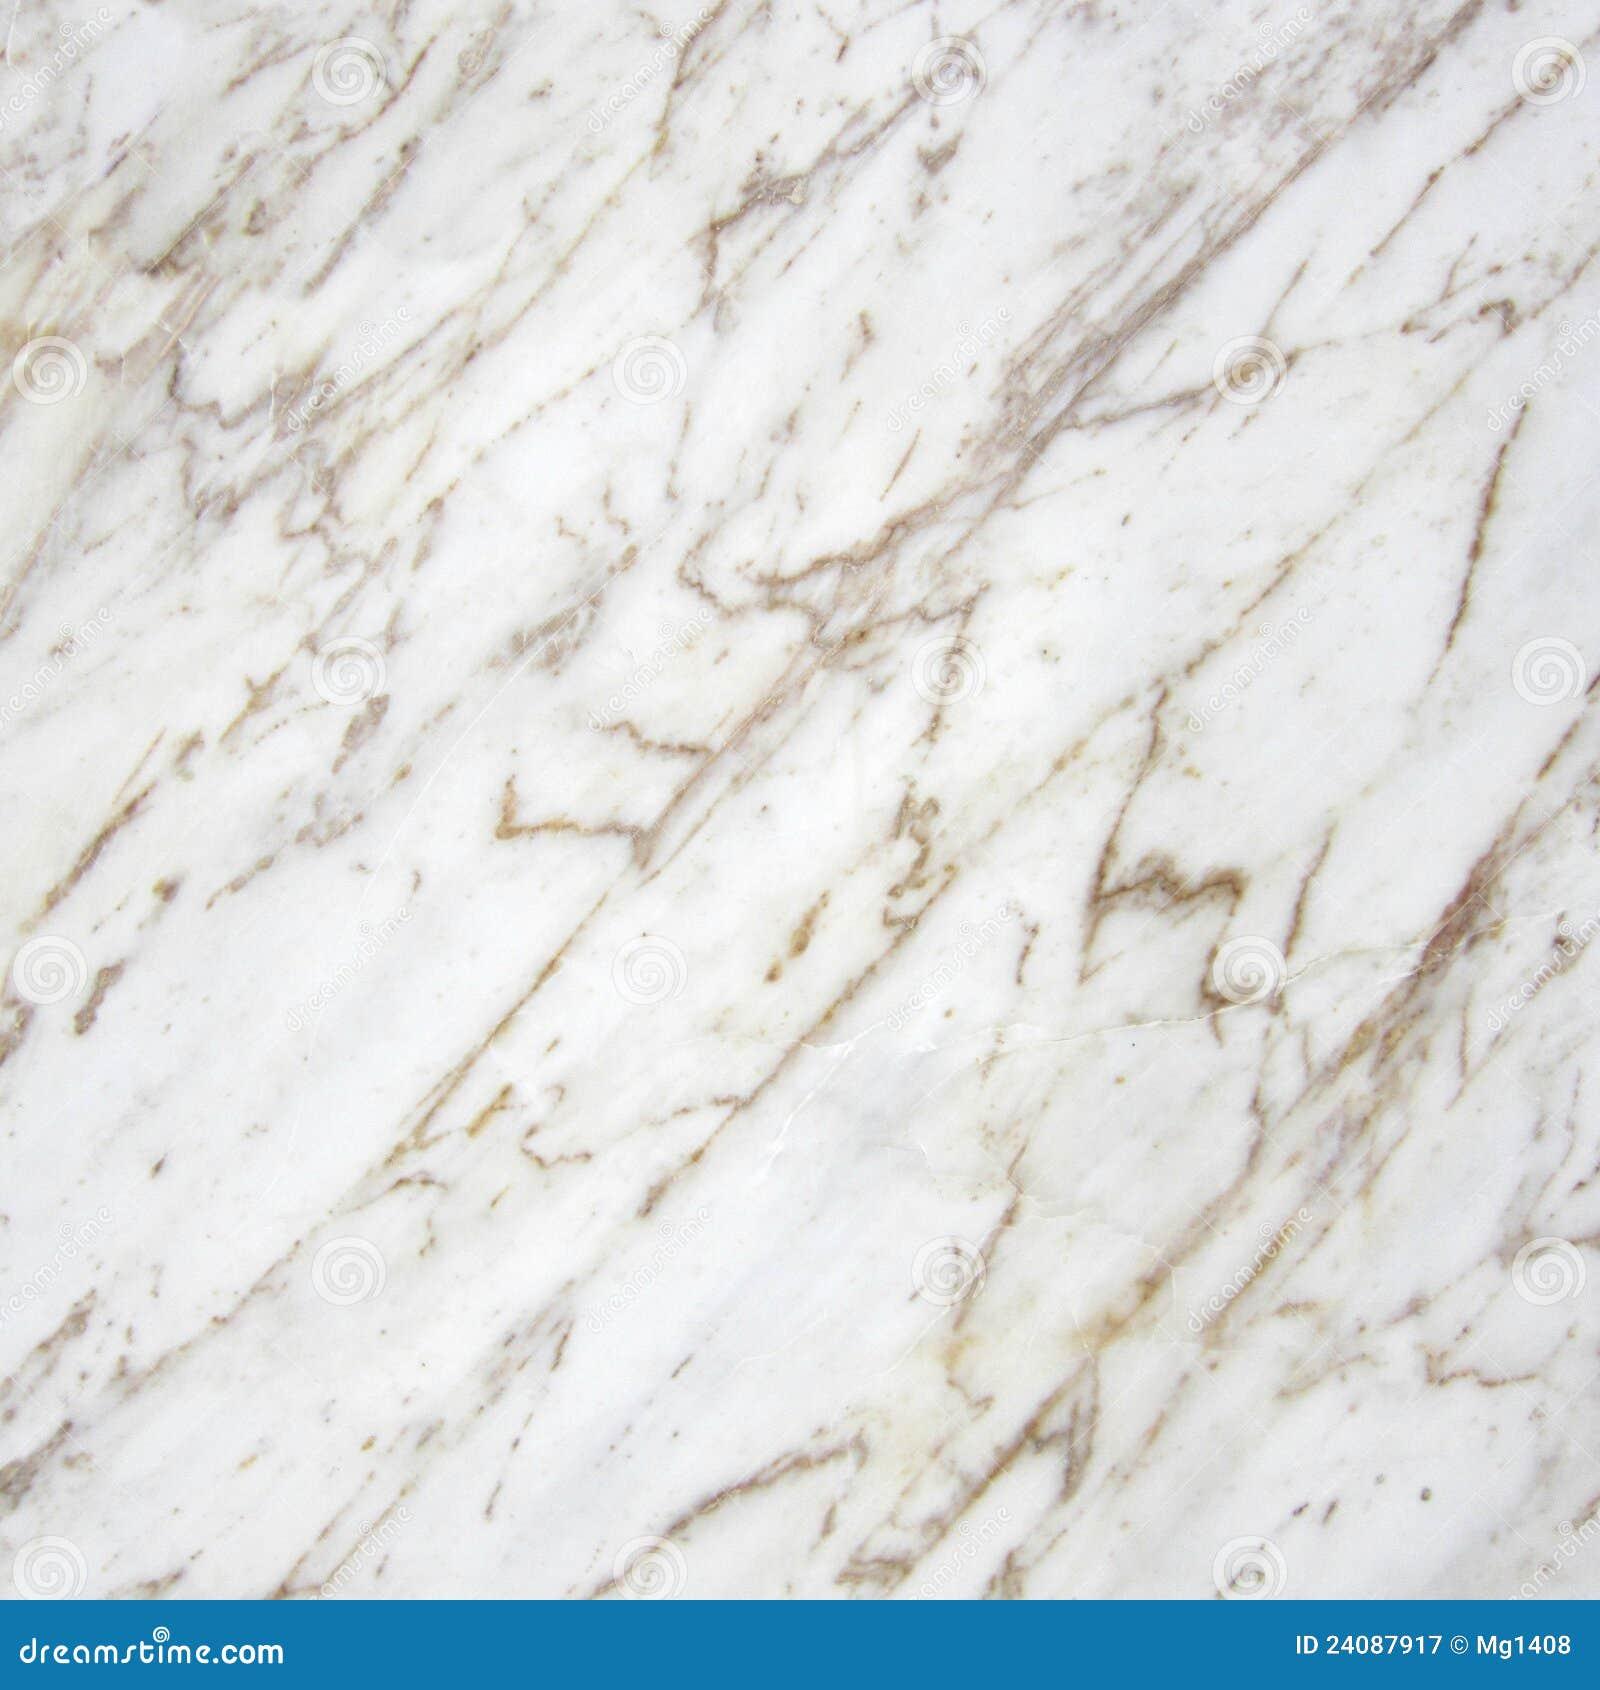 Textura de m rmol de calacata fotograf a de archivo libre for Textura de marmol blanco